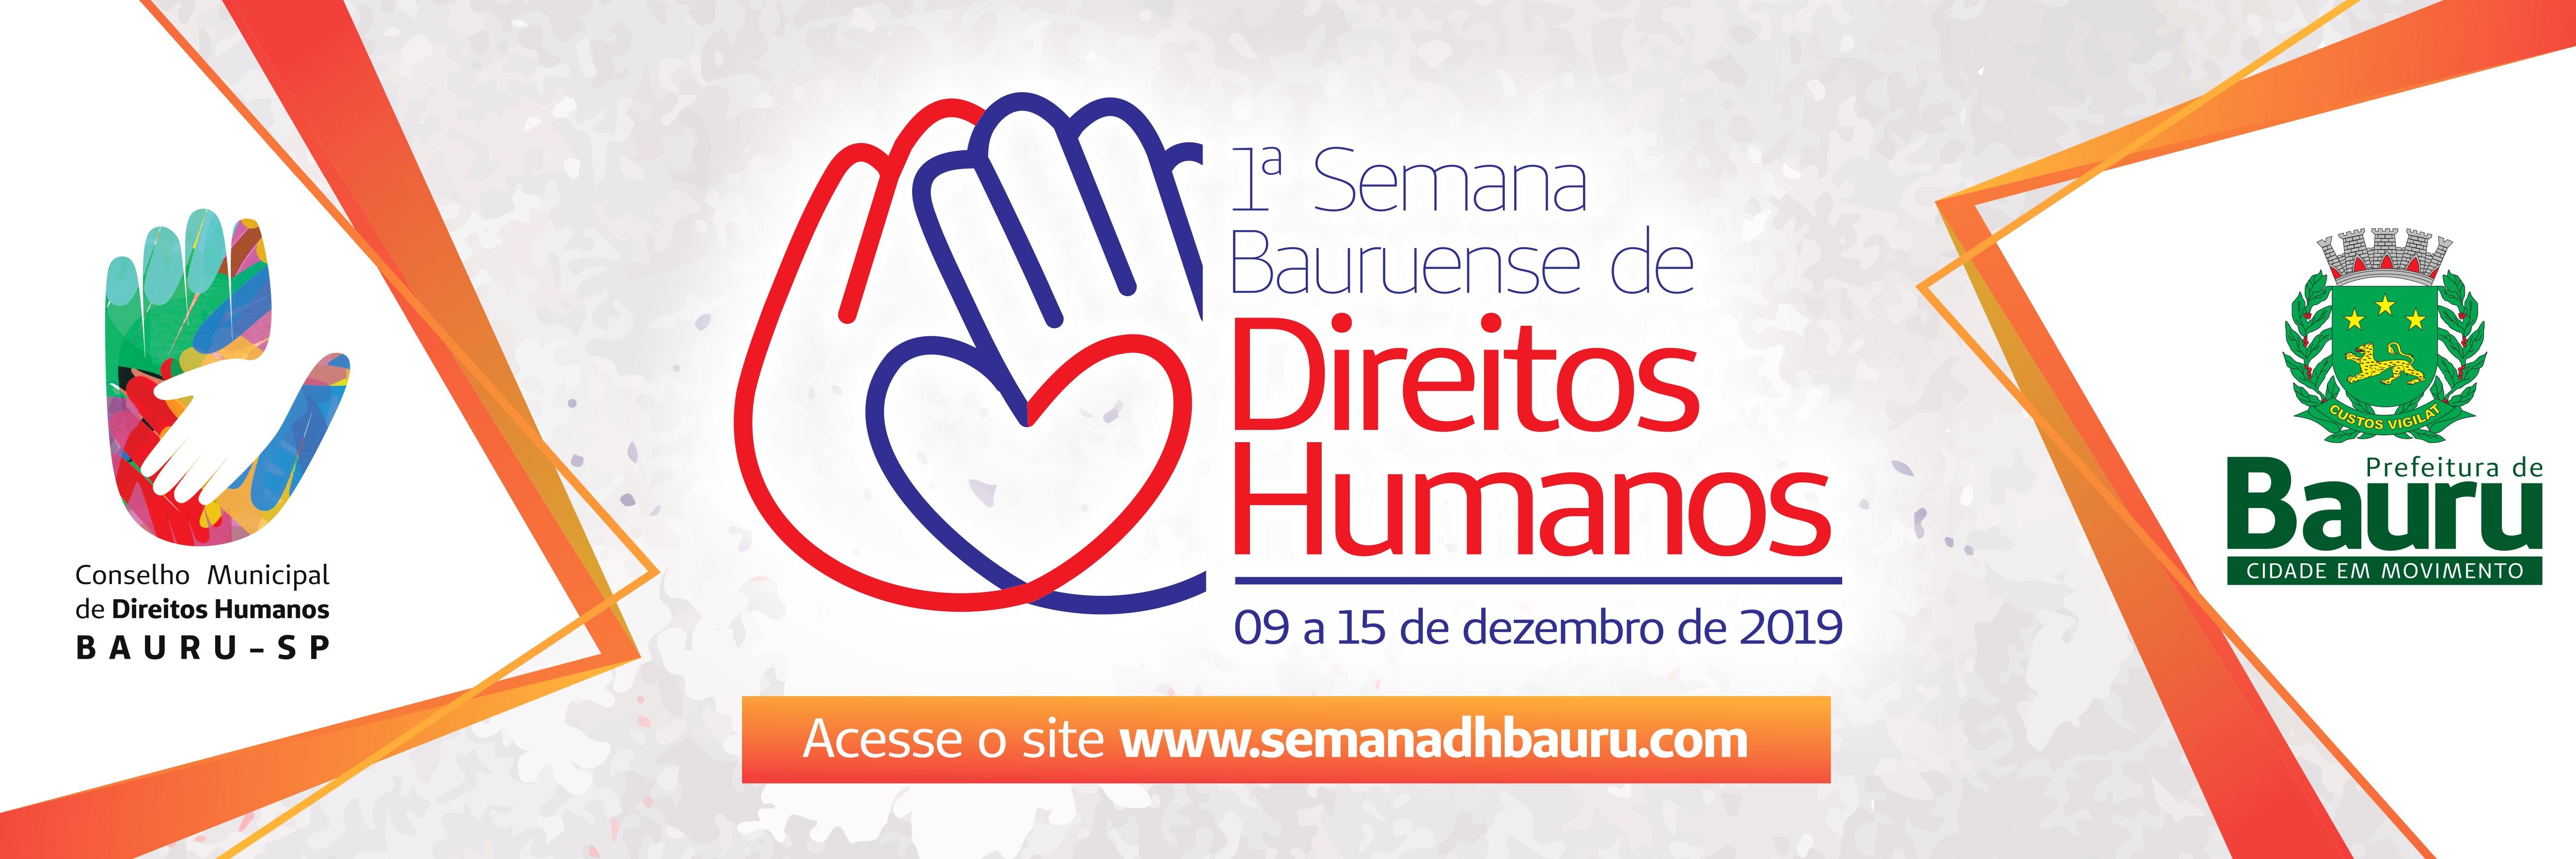 1ª Semana Bauruense de  Direitos Humanos